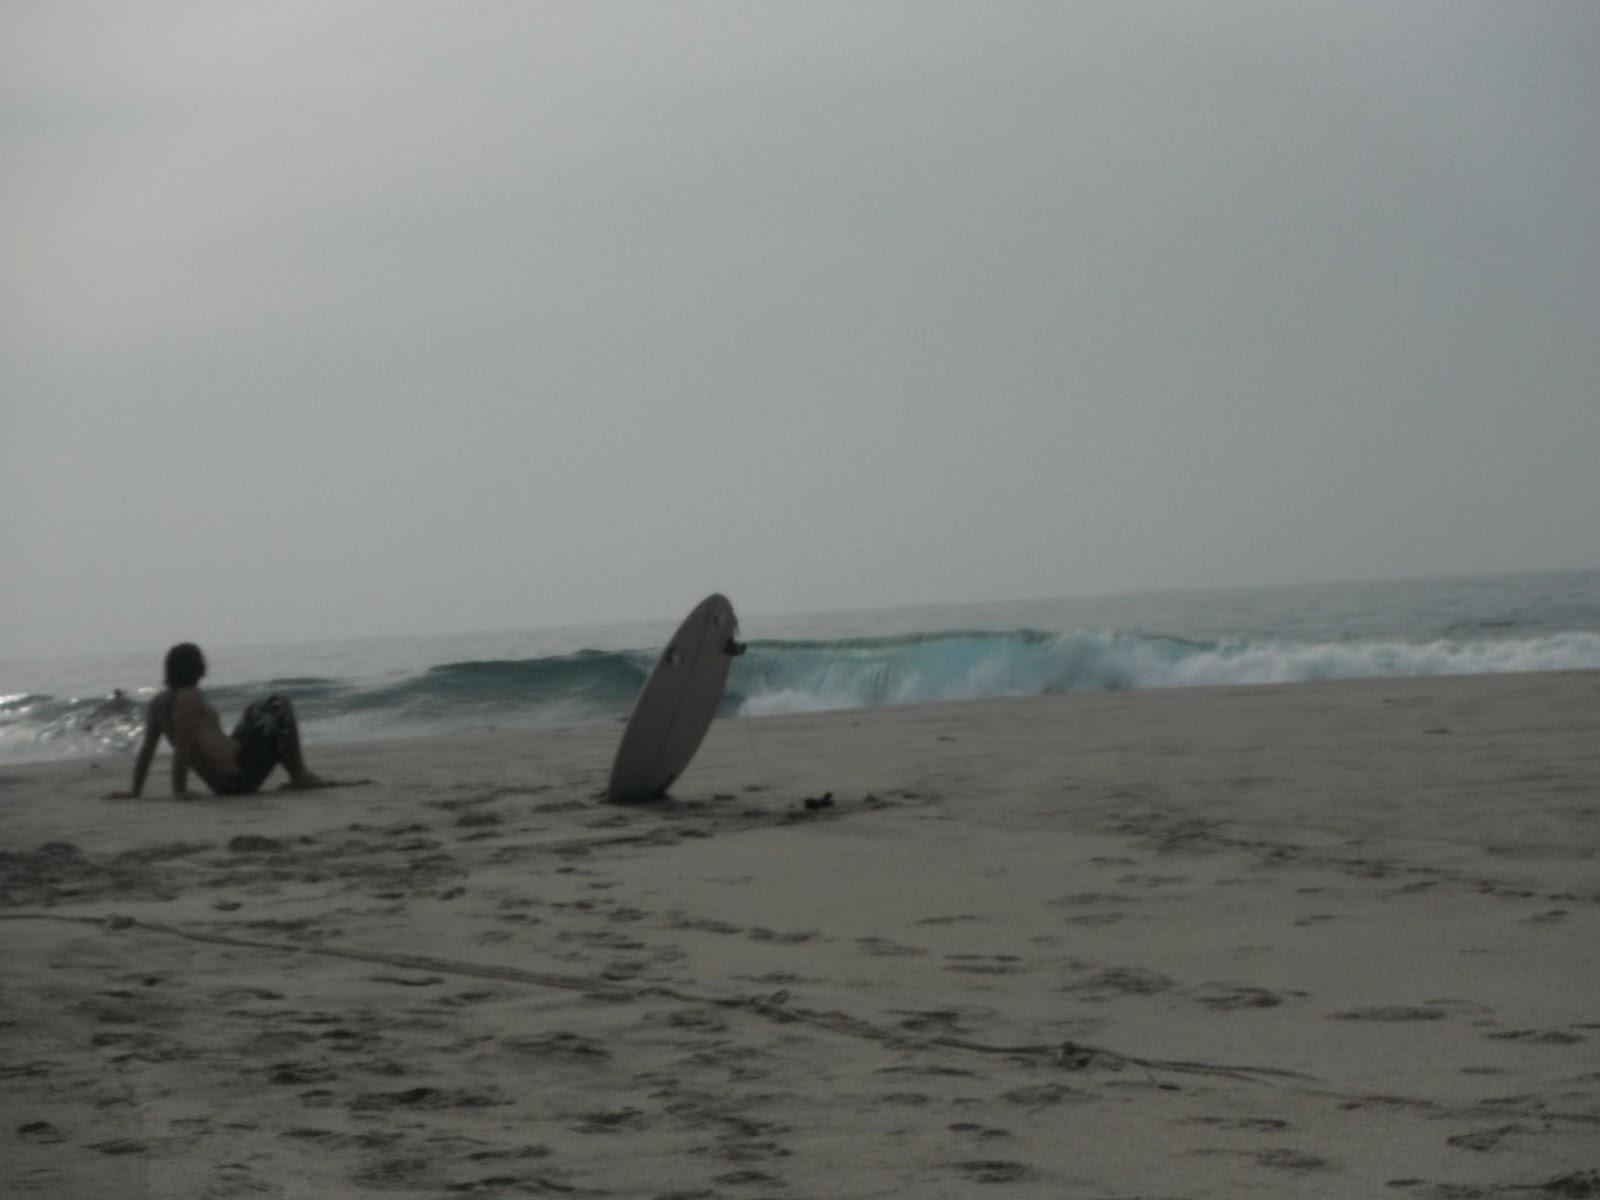 Ecoturismo m xico la bamba surfing oaxaca for En zacatecas hay playa